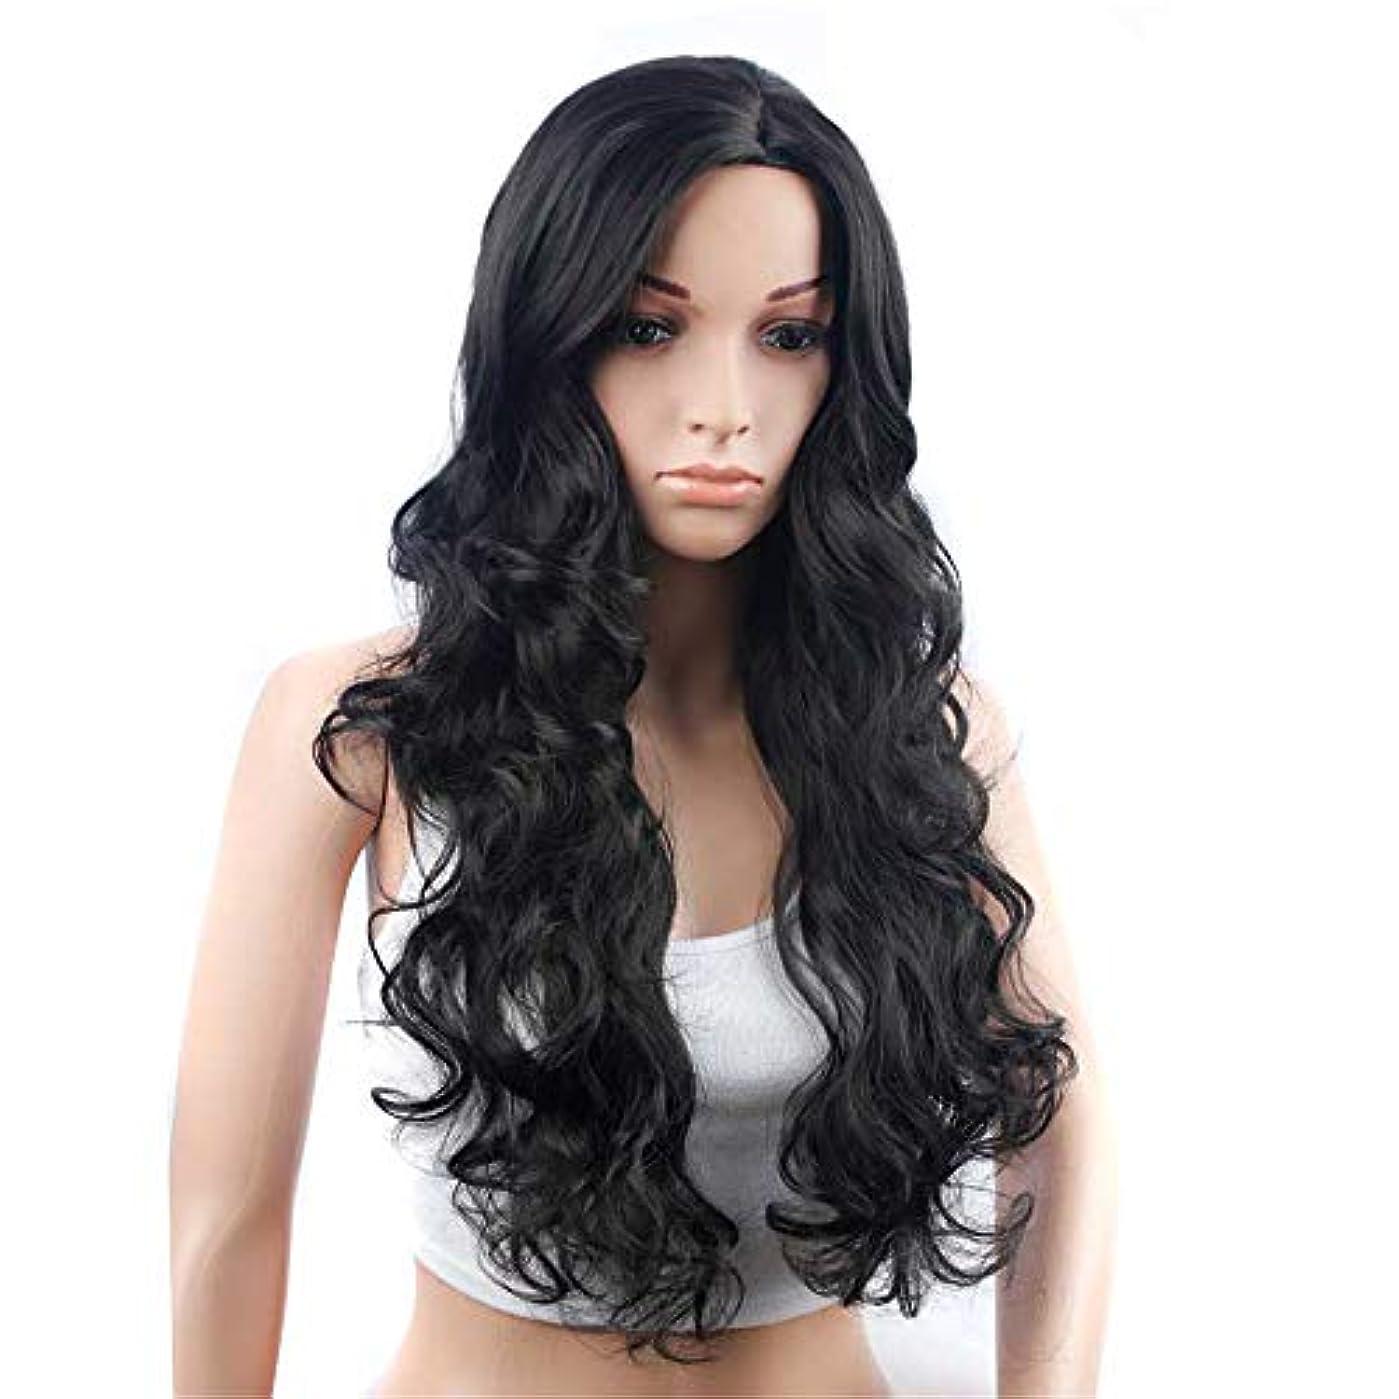 ほのめかす後世カバレッジウィッグロングウェーブブラックカラーロングウェーブ人工毛高温繊維ヘアスタイル女性用髪の毛ナチュラルミドルパート耐熱ヘアプレイ、ハロウィン23インチ